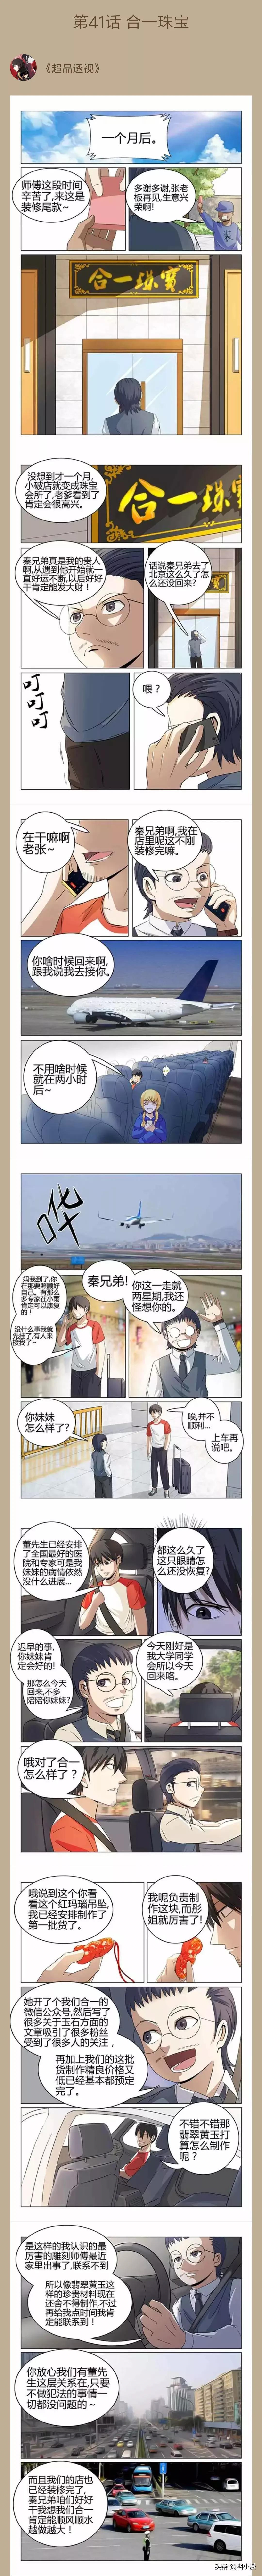 全彩漫画小说《超品透视》第41话-合一珠宝